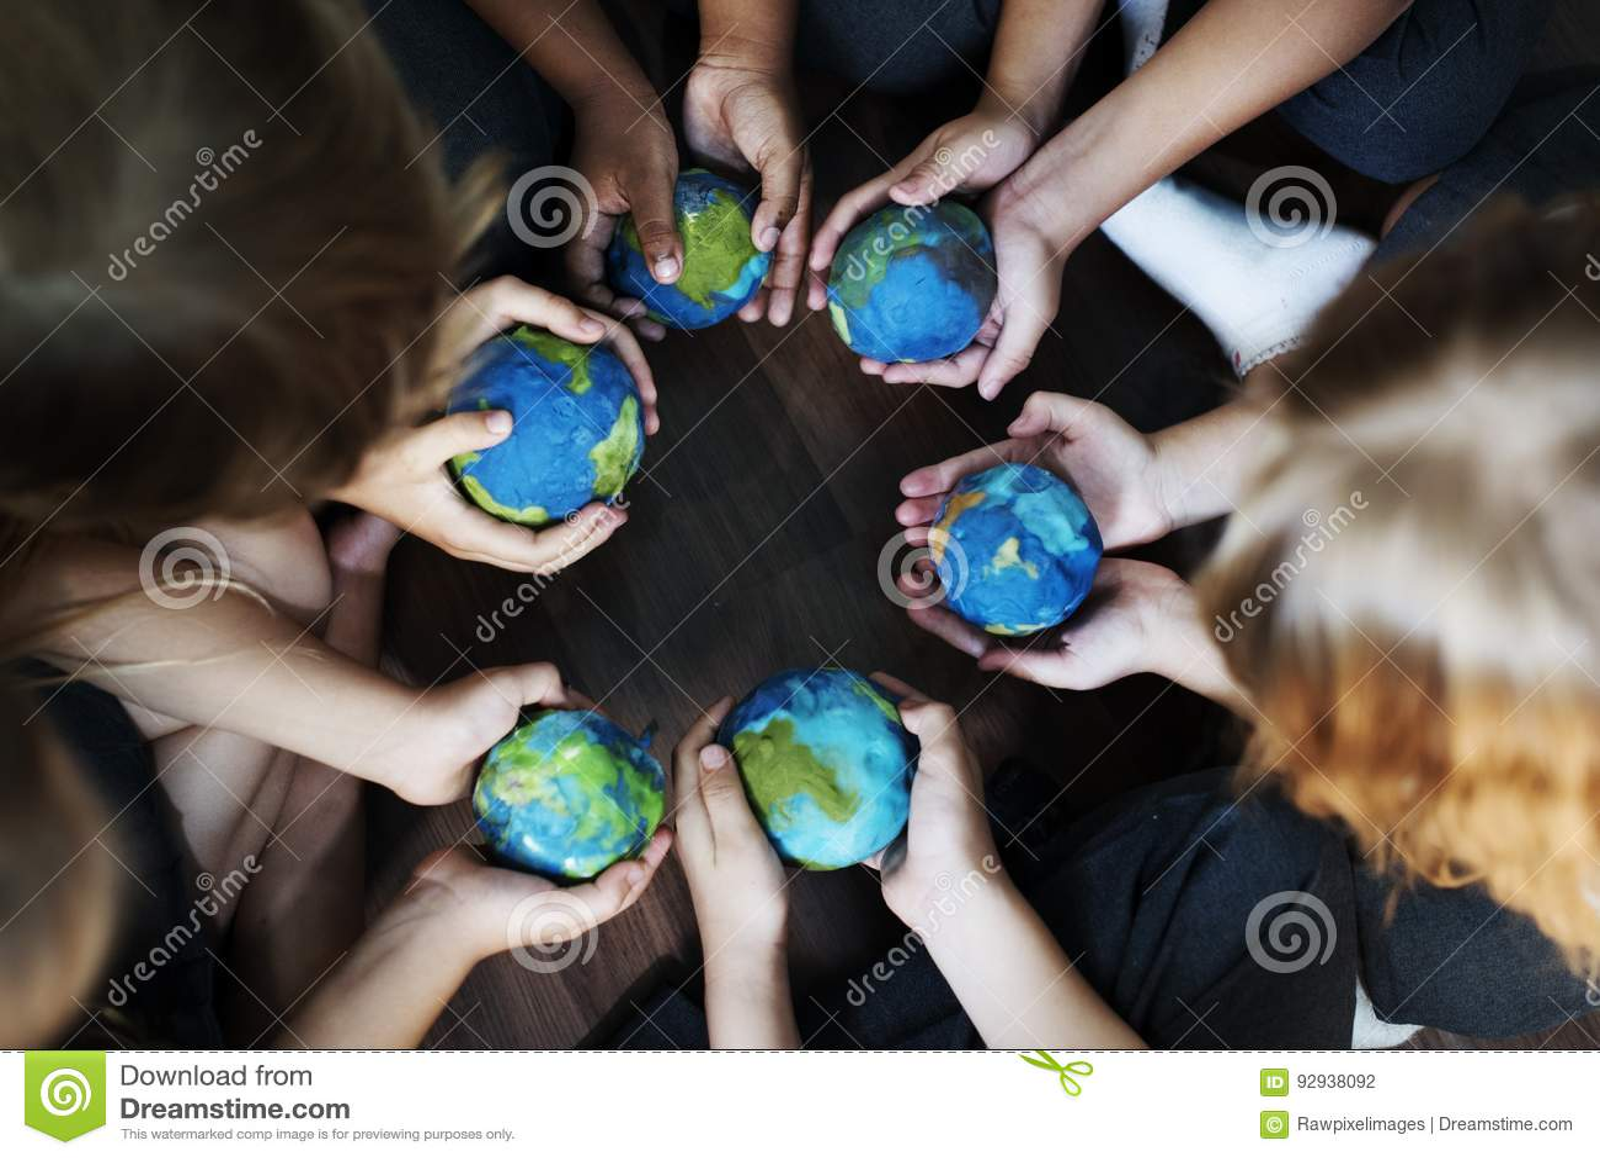 结合在一起使托起的地球球的孩子手